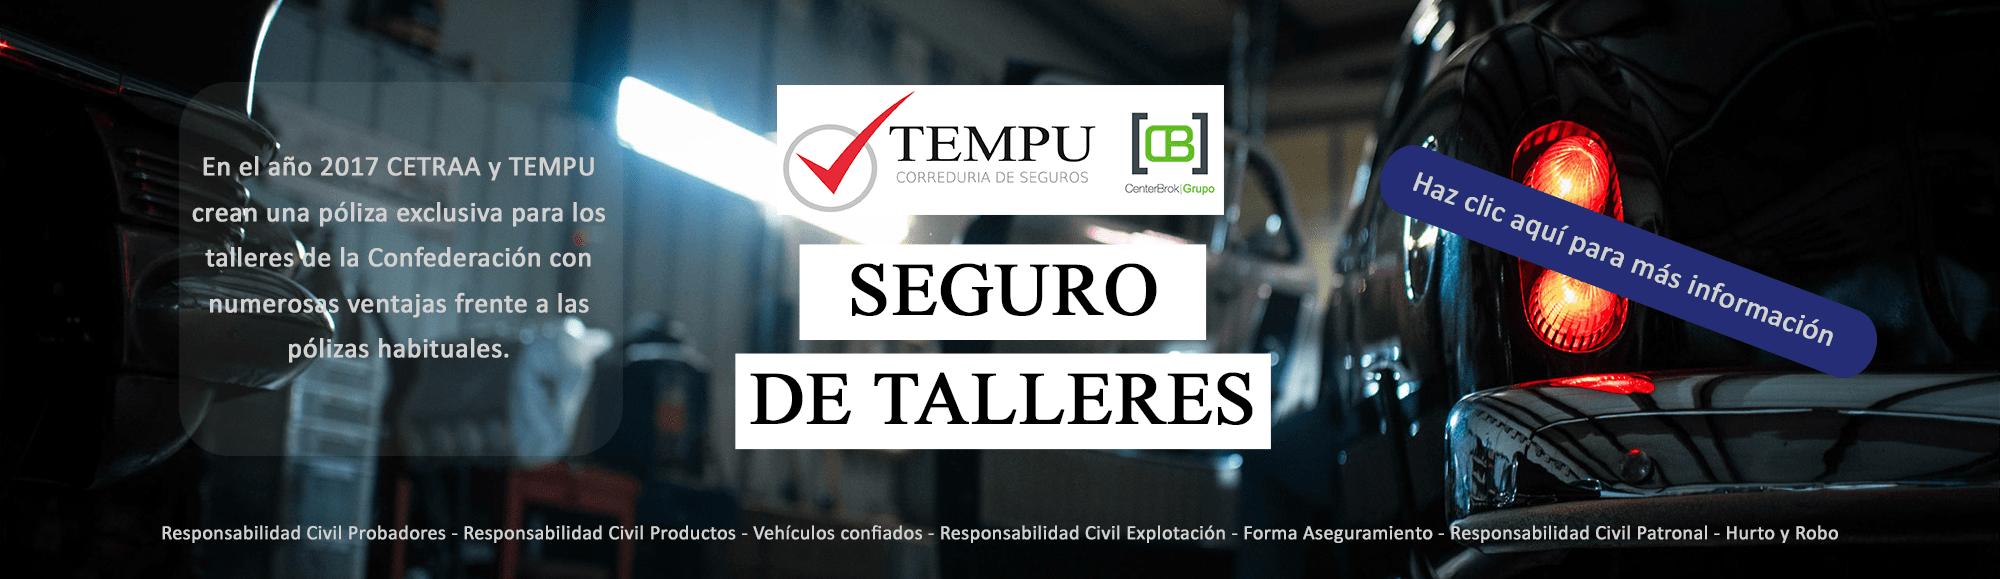 TEMPU - Seguro para talleres CETRAA